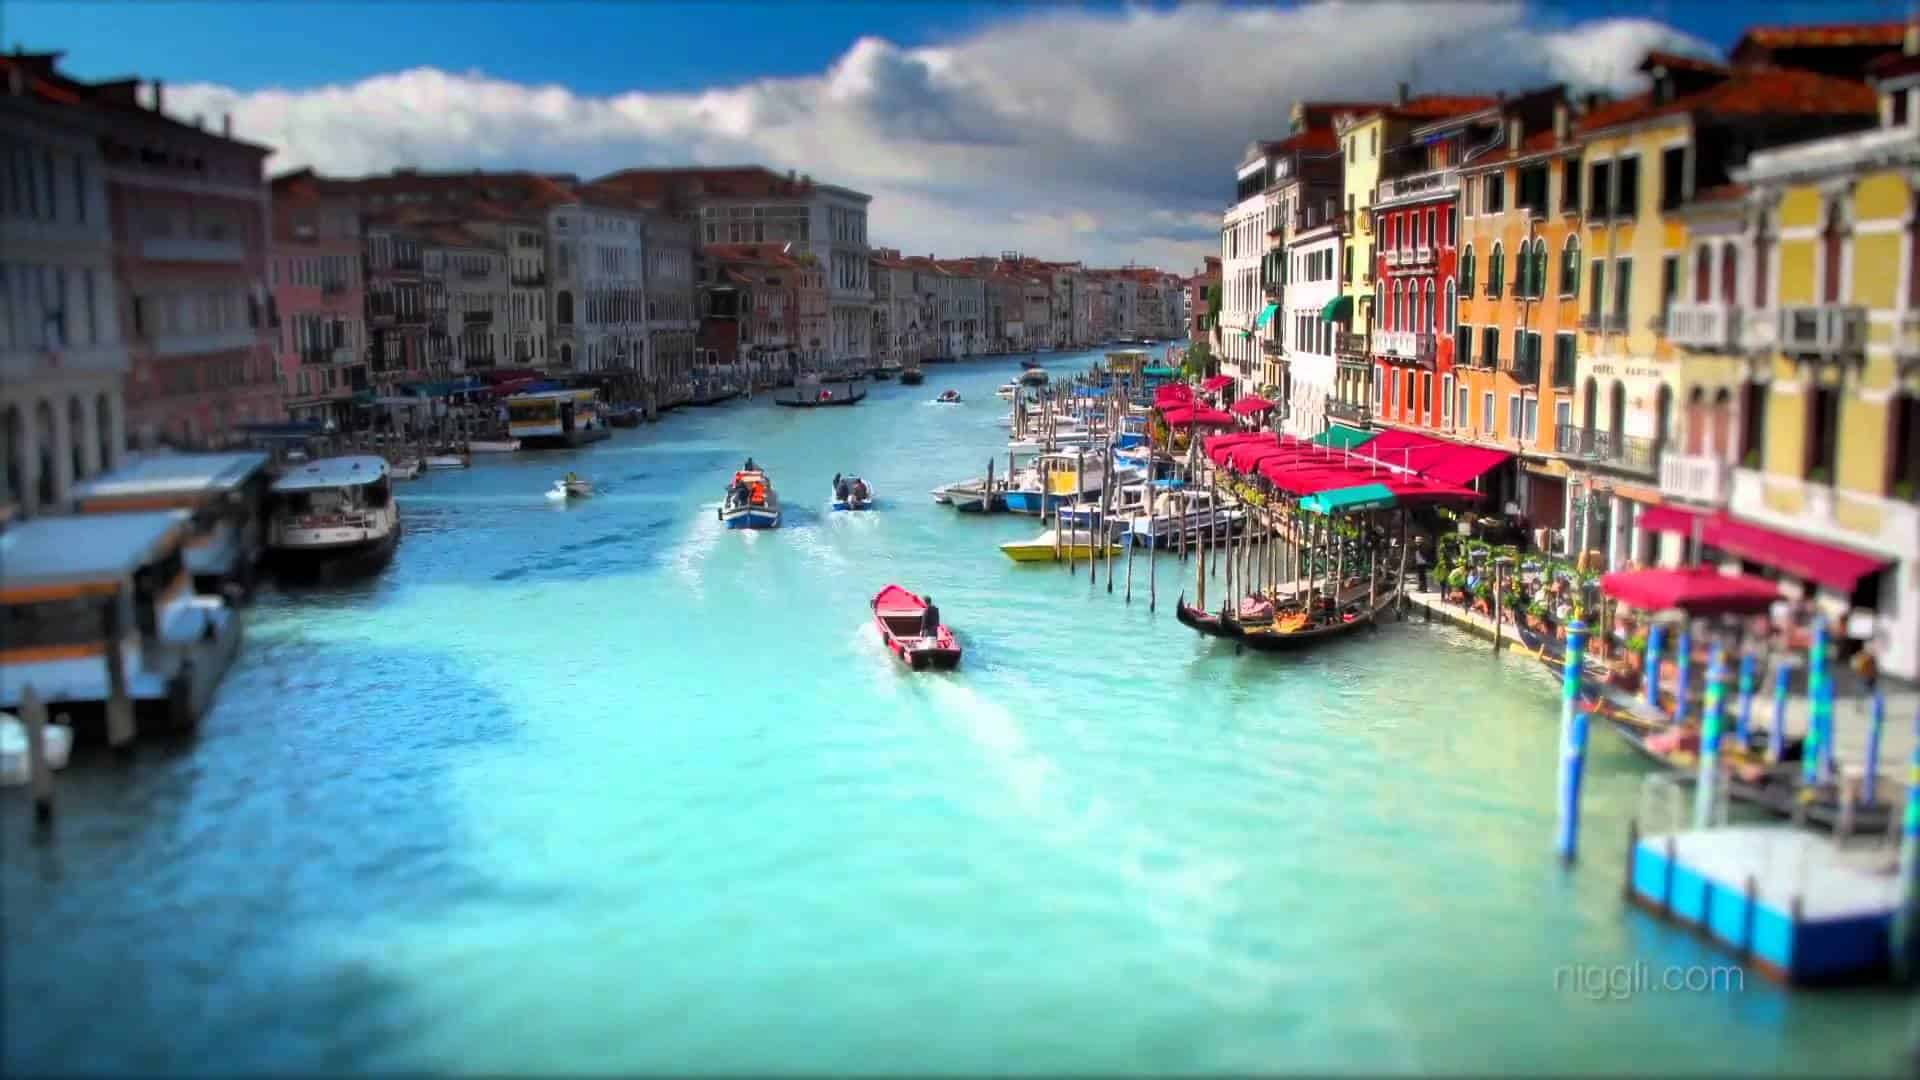 مدينة فلورنسا إيطاليا